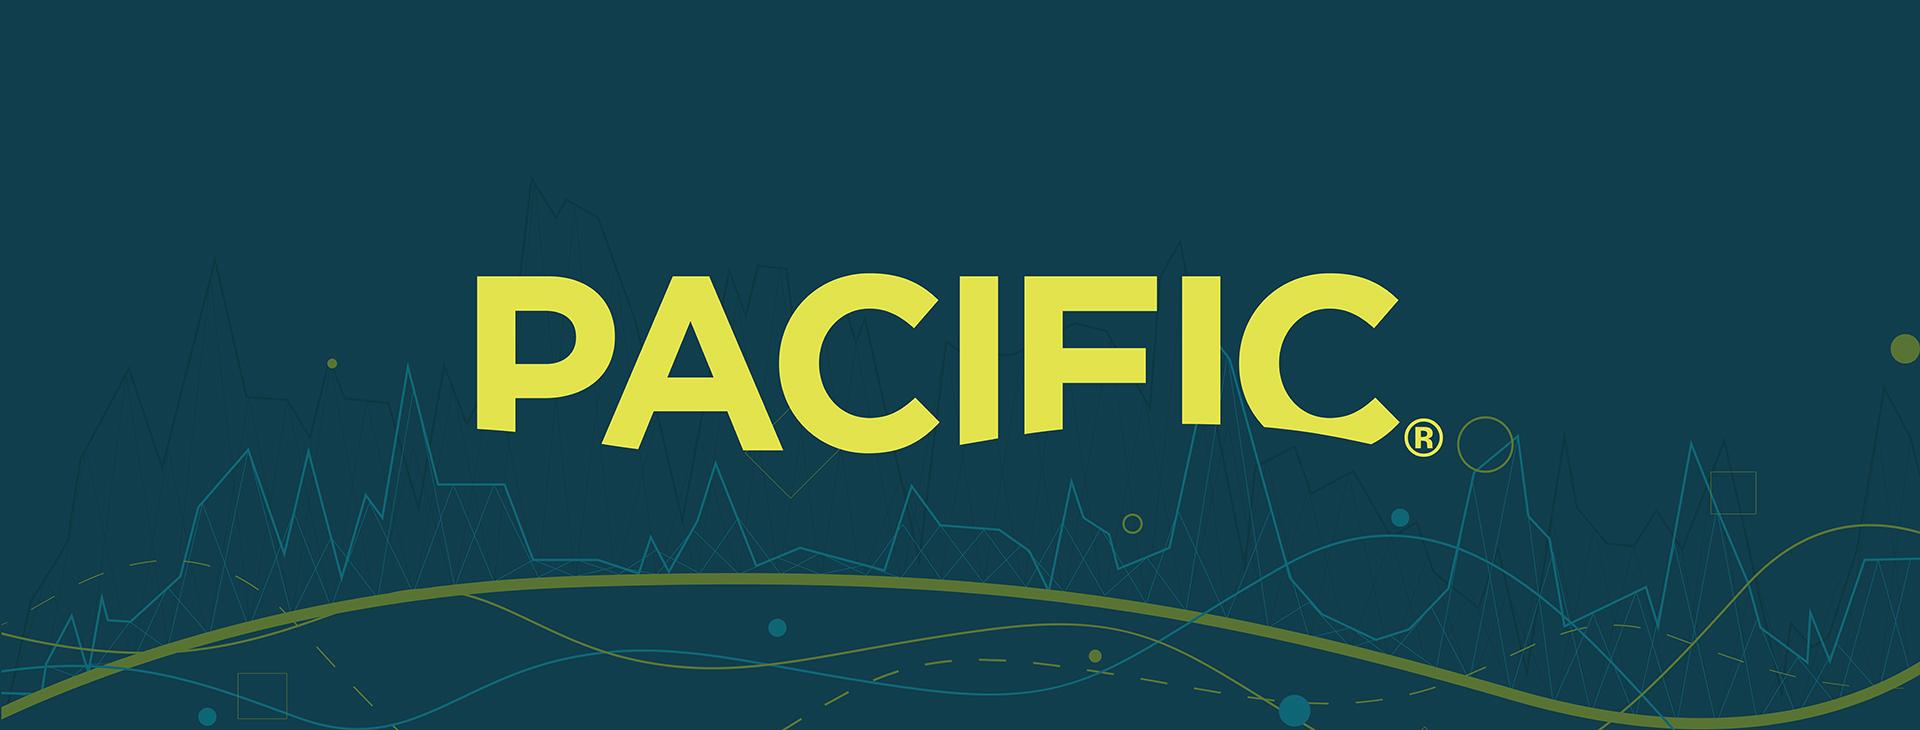 Pacificlogo